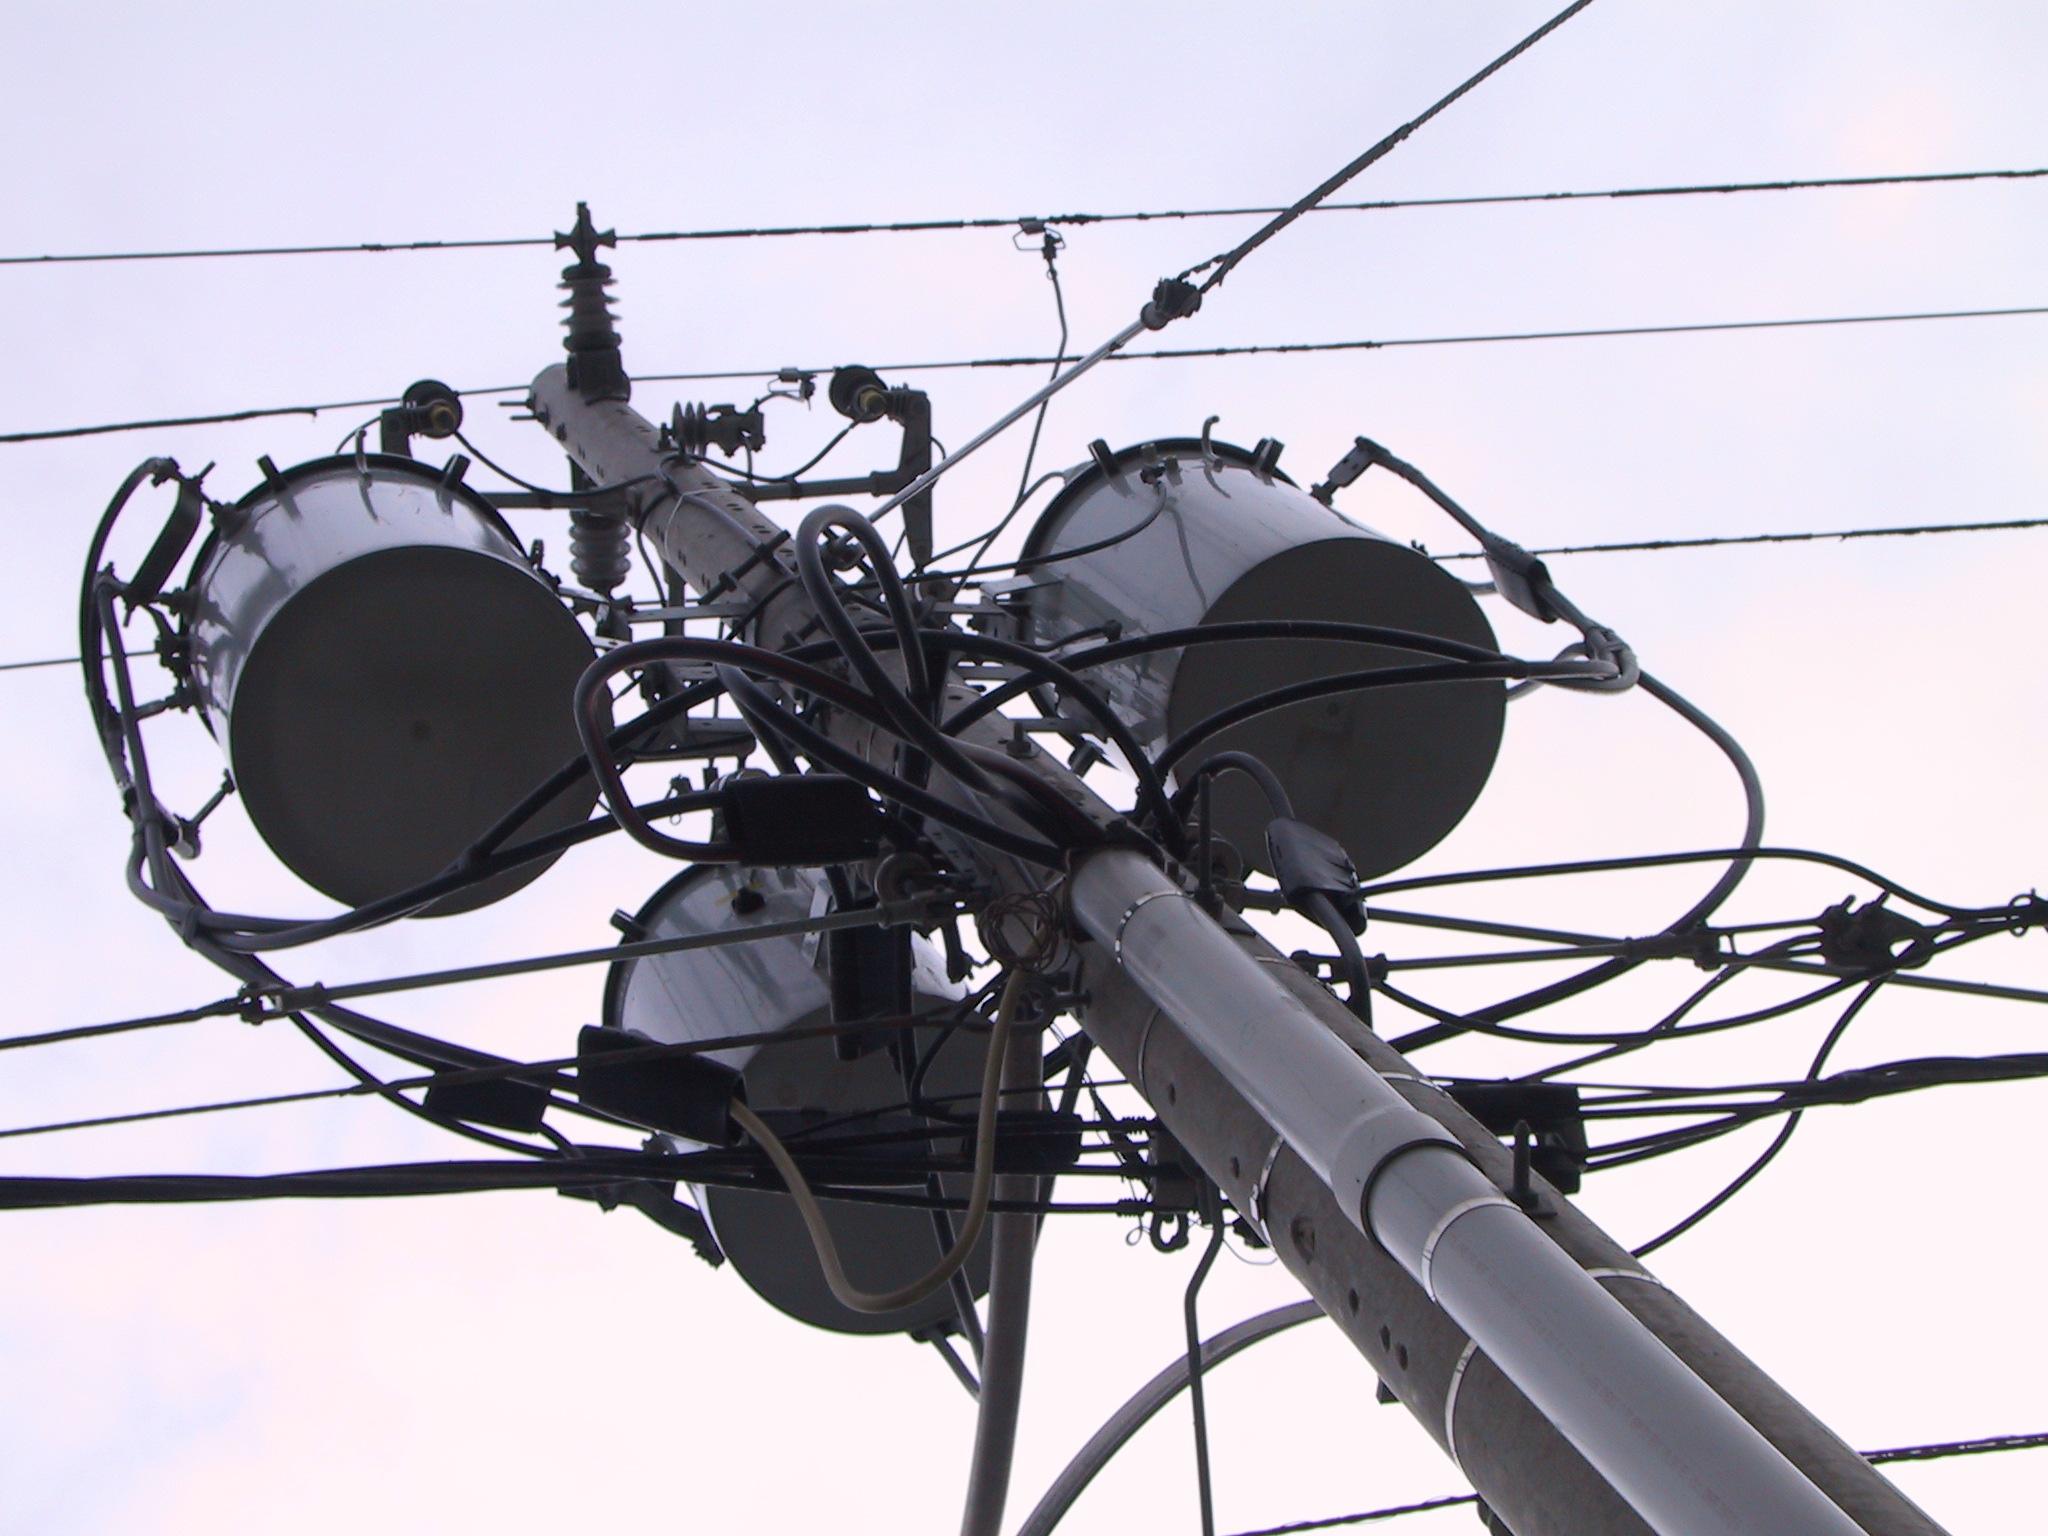 3phase power one wire alternator wiring schematic one wire alternator wiring schematic one wire alternator wiring schematic one wire alternator wiring schematic